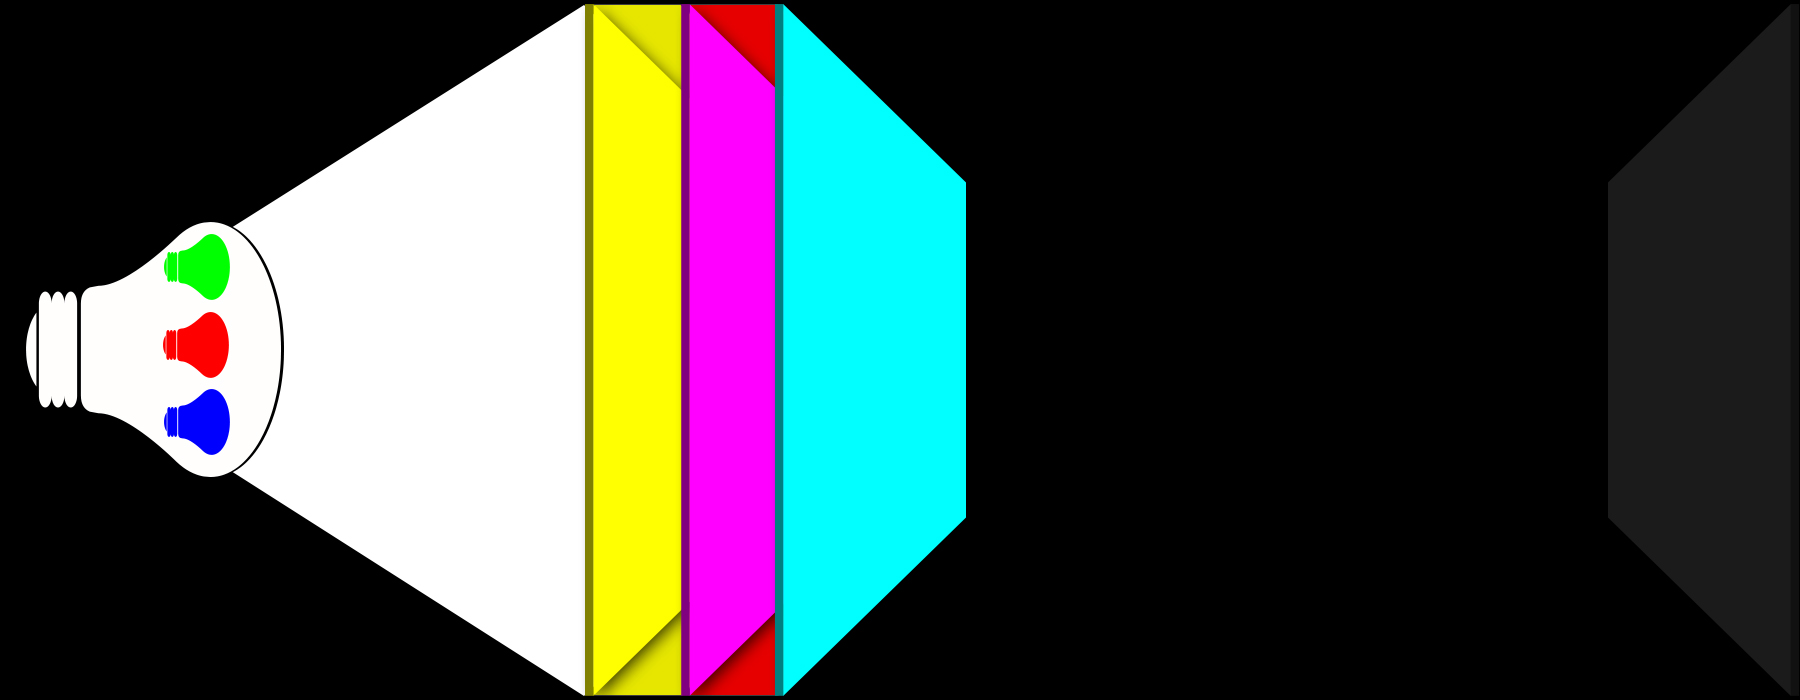 01_Proiezione_RGB_CMY